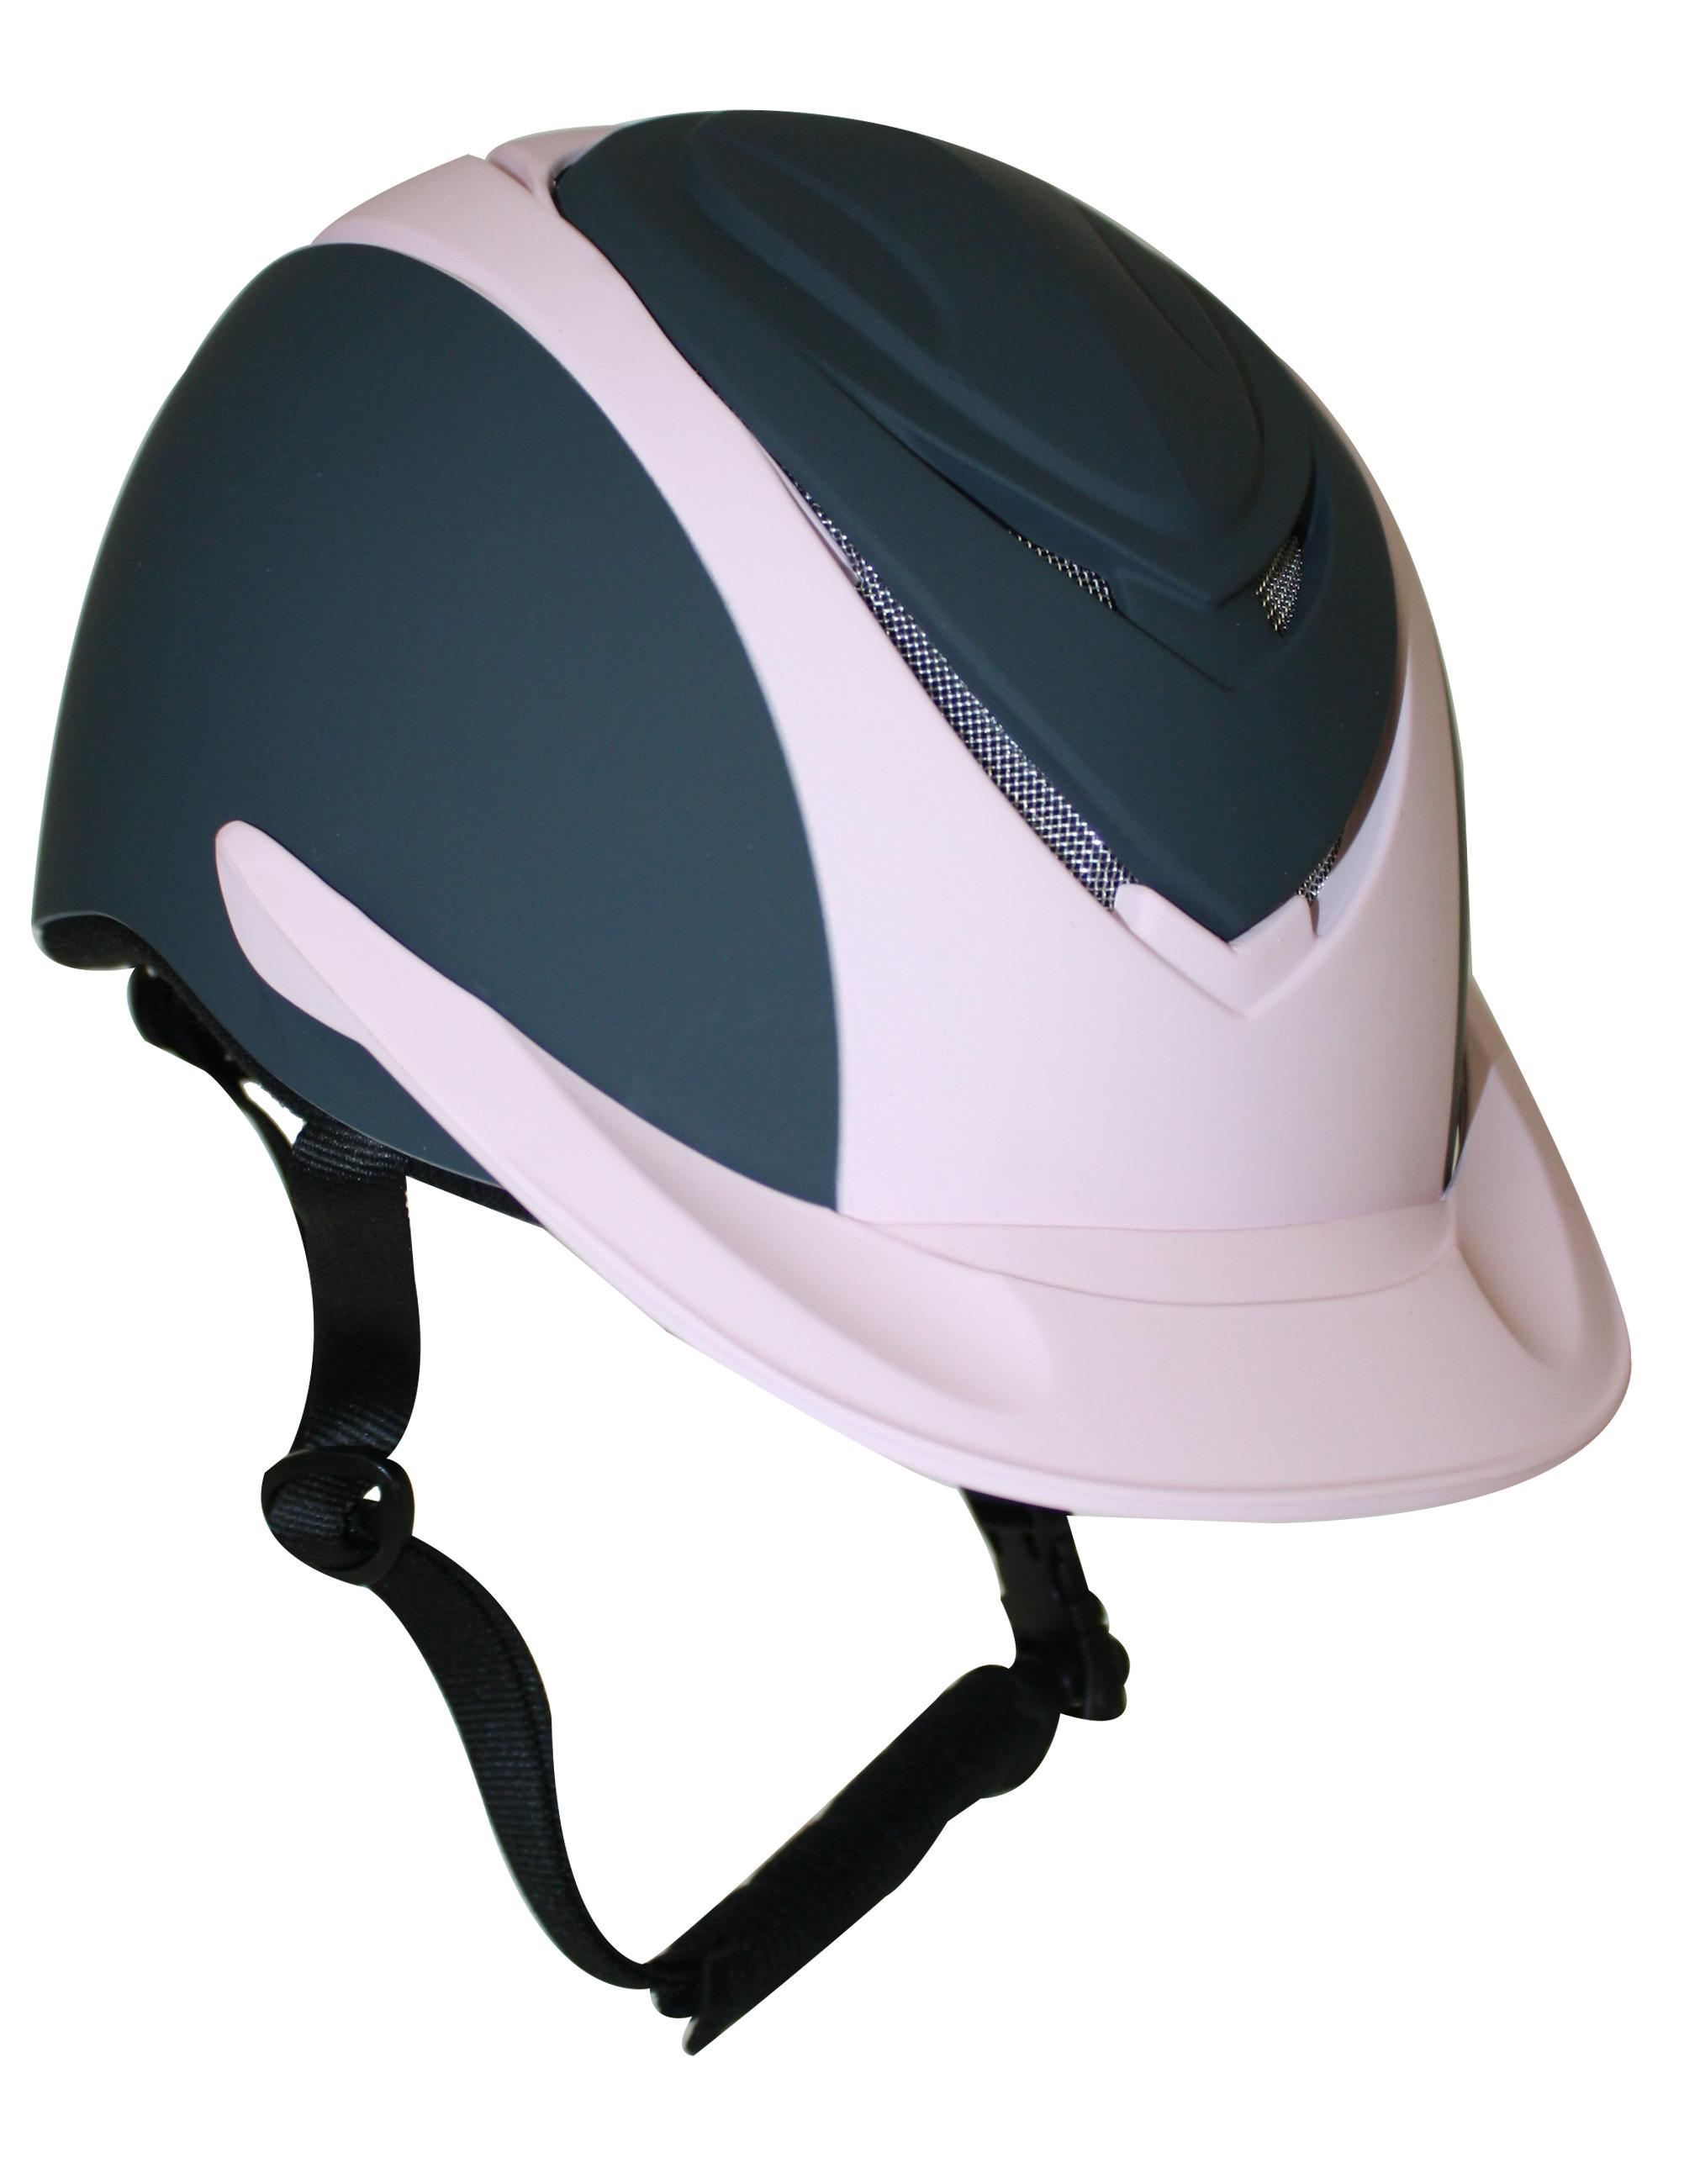 Lami-Cell Sport Helmet